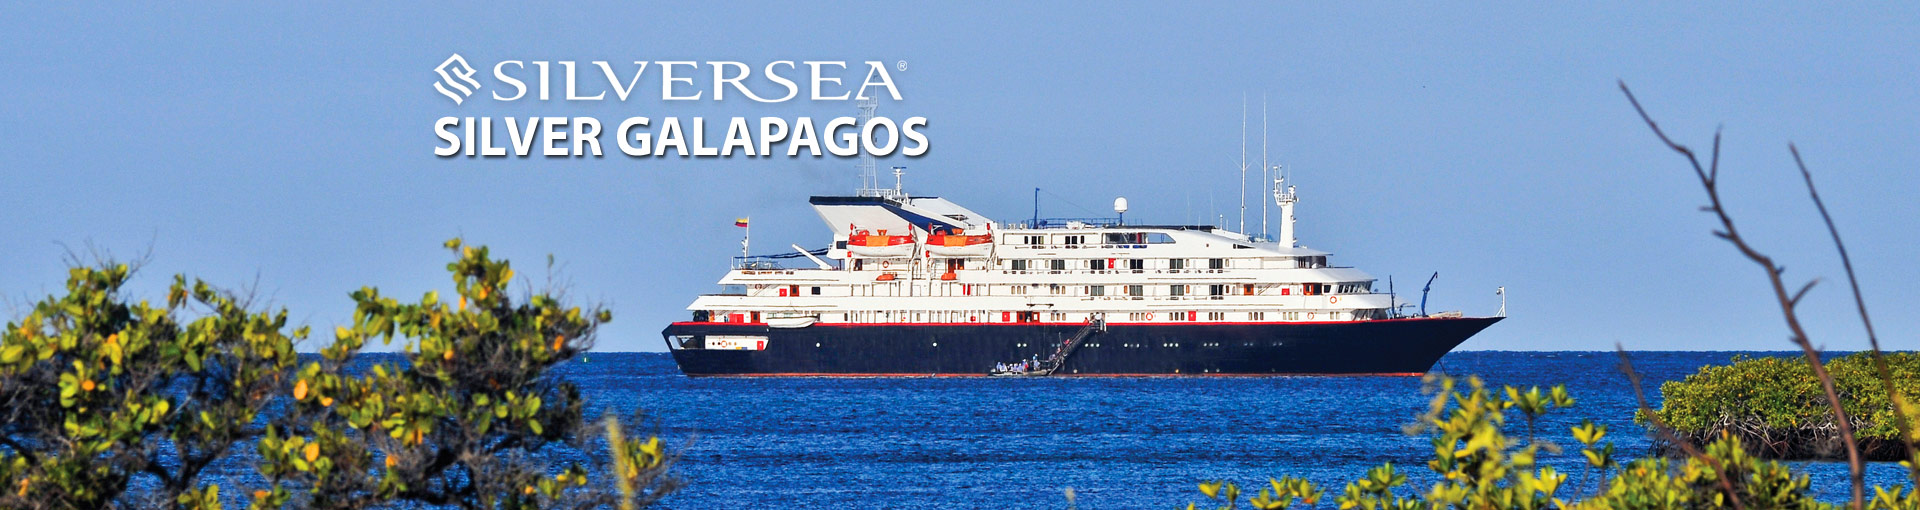 Silversea Cruises Silver Galapagos cruise ship